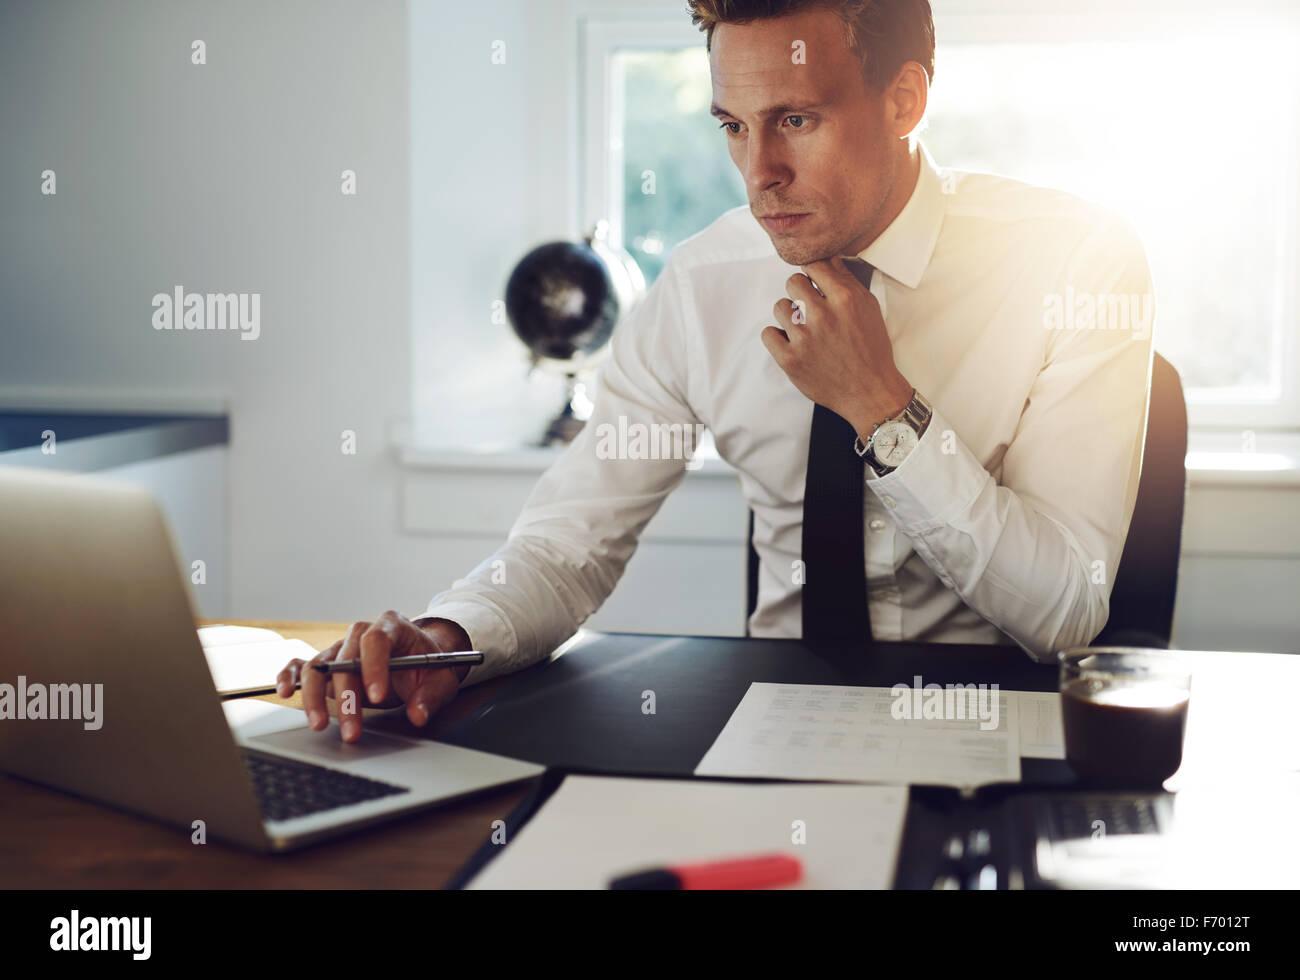 Hombre de negocios sentado en su mesa de trabajo en un ordenador y mirando concentrado Imagen De Stock